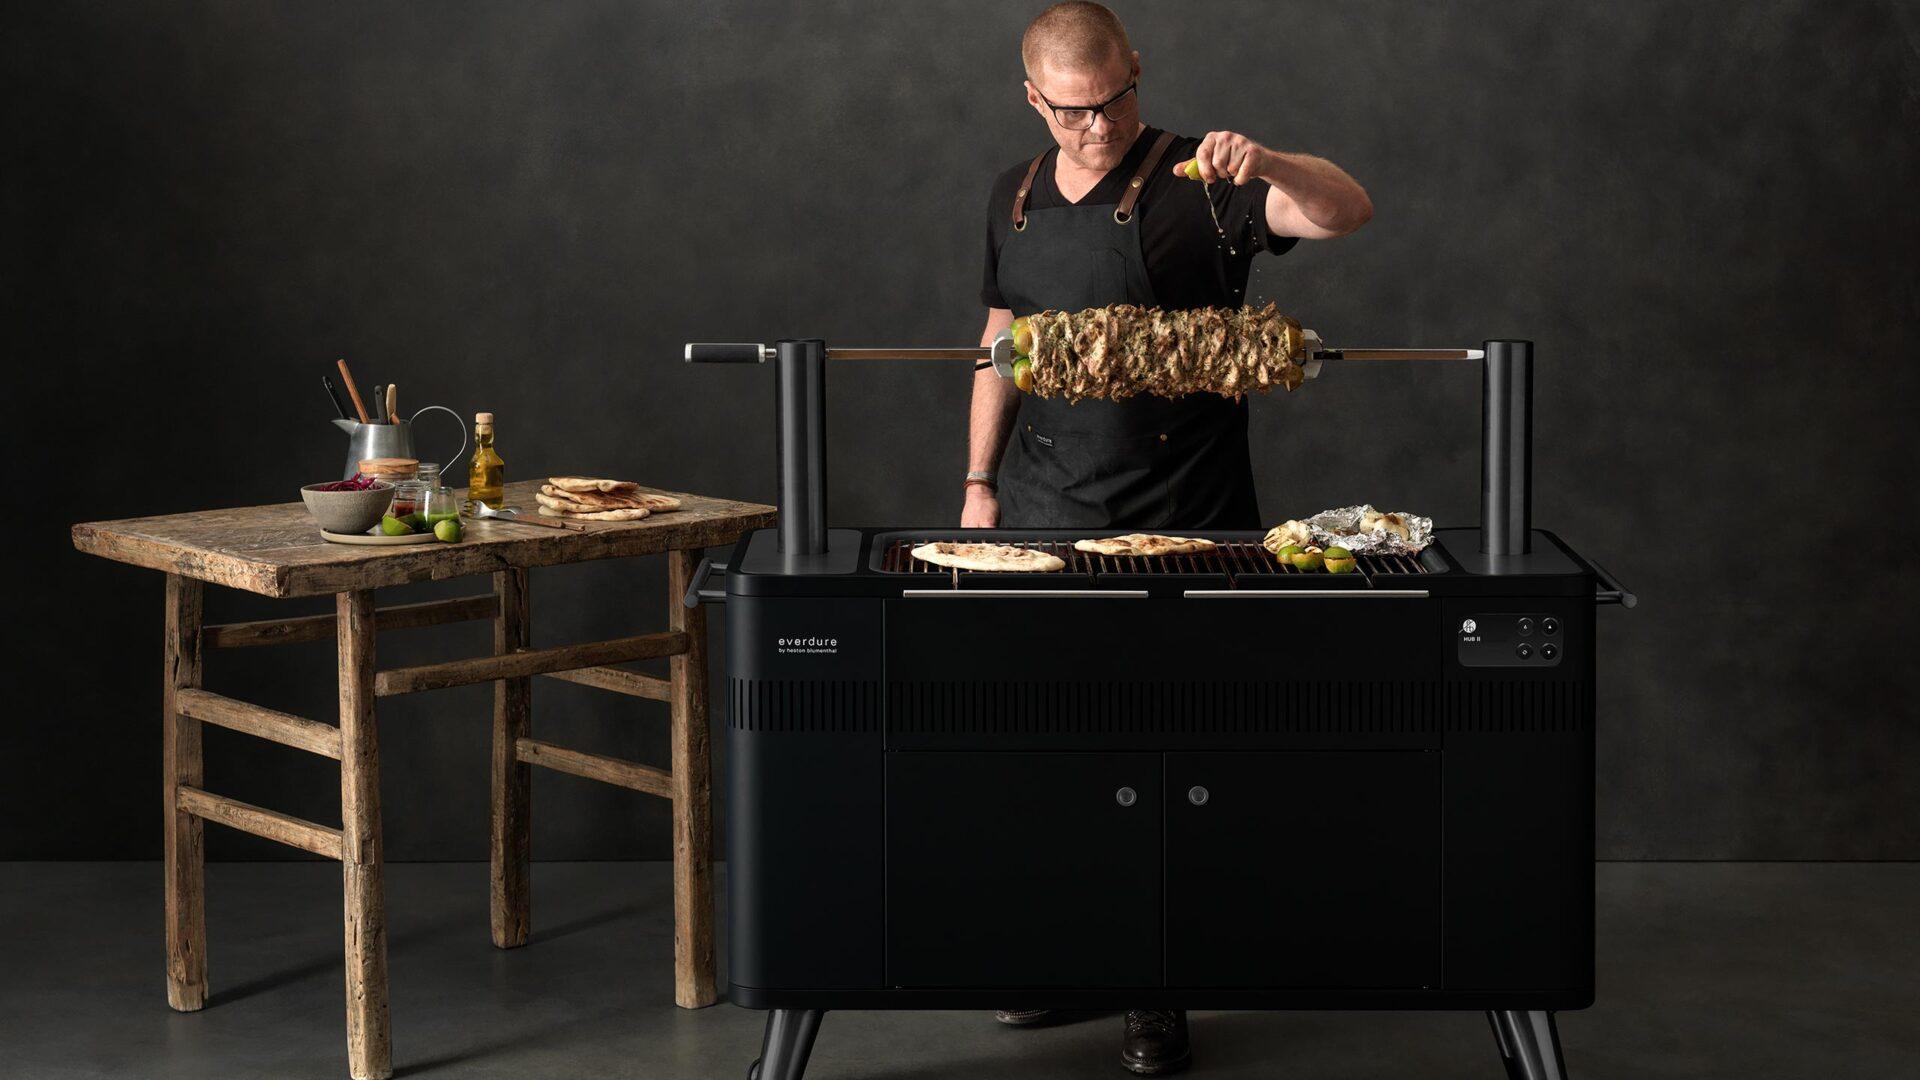 everdure HUb grill